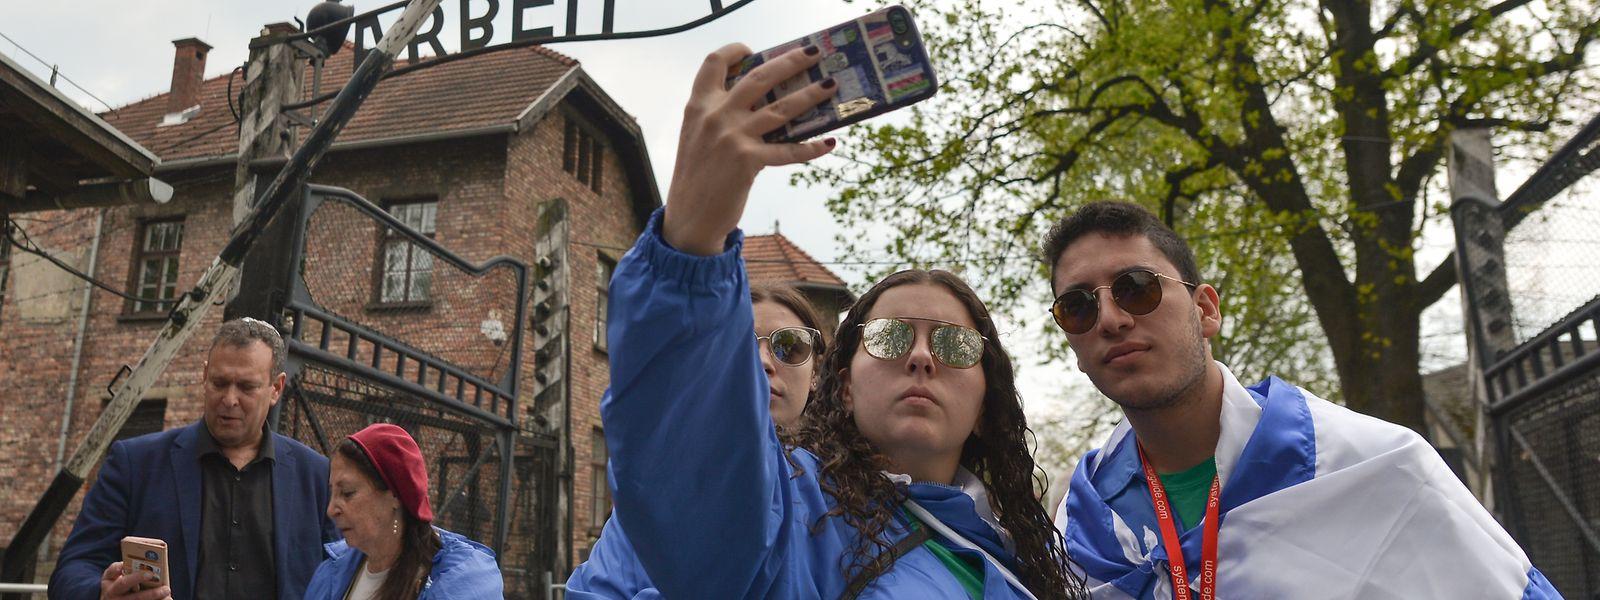 """Vor dem ikonischen Tor mit dem """"Arbeit macht frei""""-Schriftzug lassen sich Hunderte fotografieren, mit ernstem Gesicht. Nur wenige lächeln oder machen Selfies."""